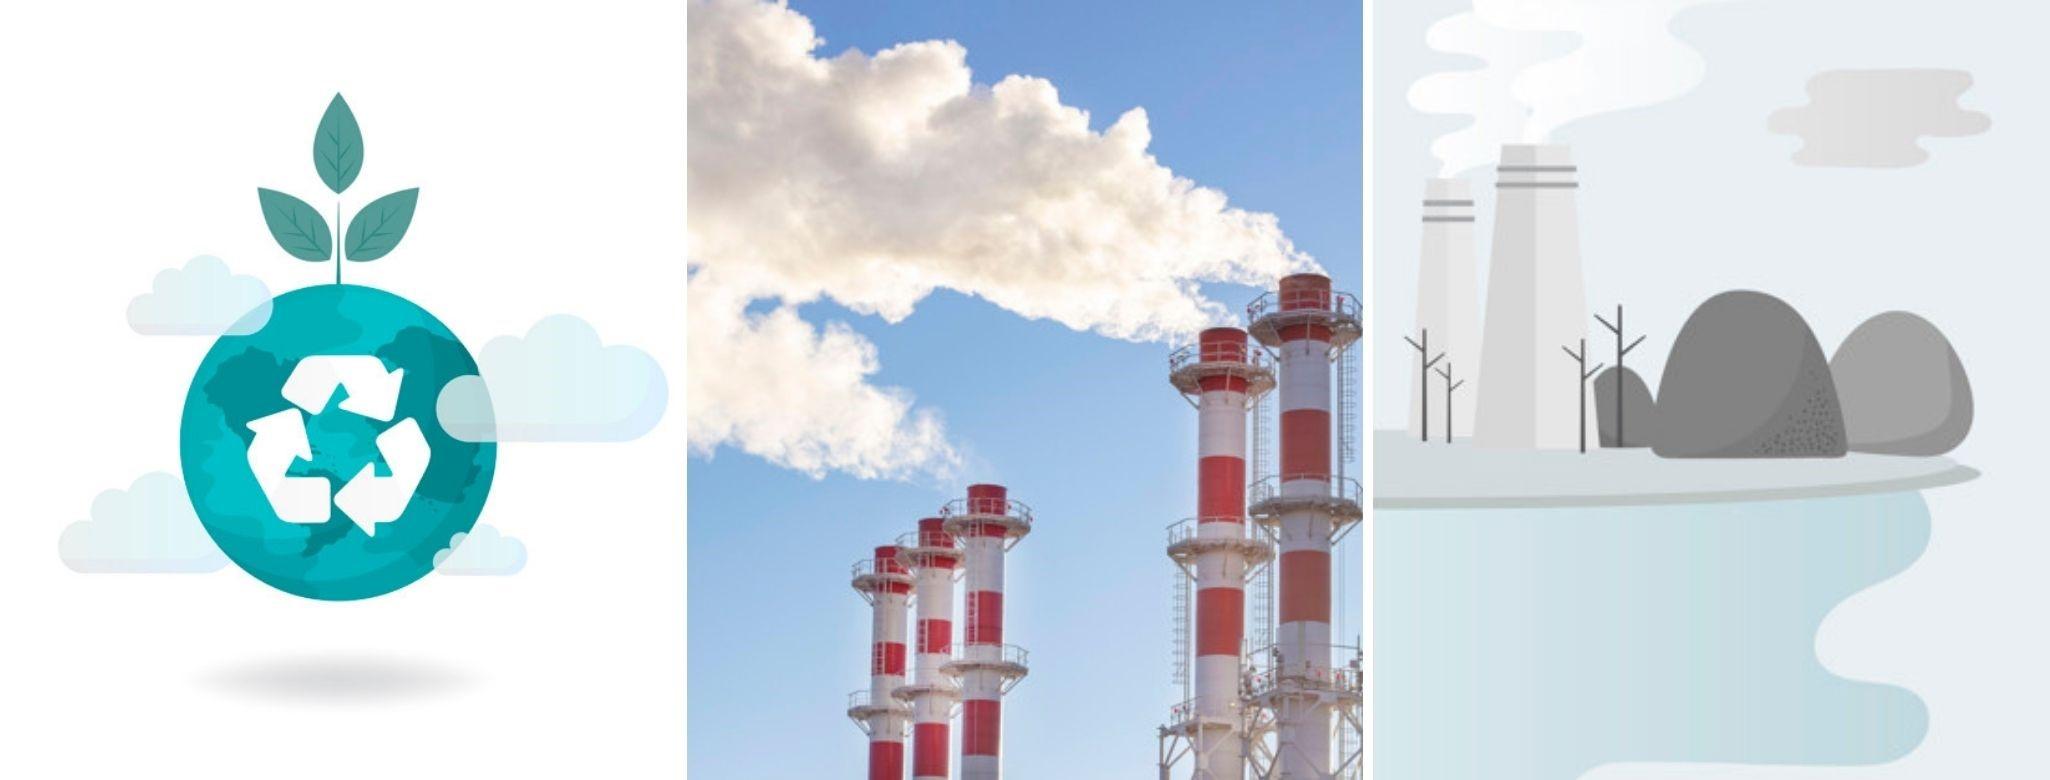 Declaración Jurada Anual para establecimientos que reportan sus emisiones y transferencias de contaminantes al RETC podrá realizarse hasta el 31 de octubre 2020